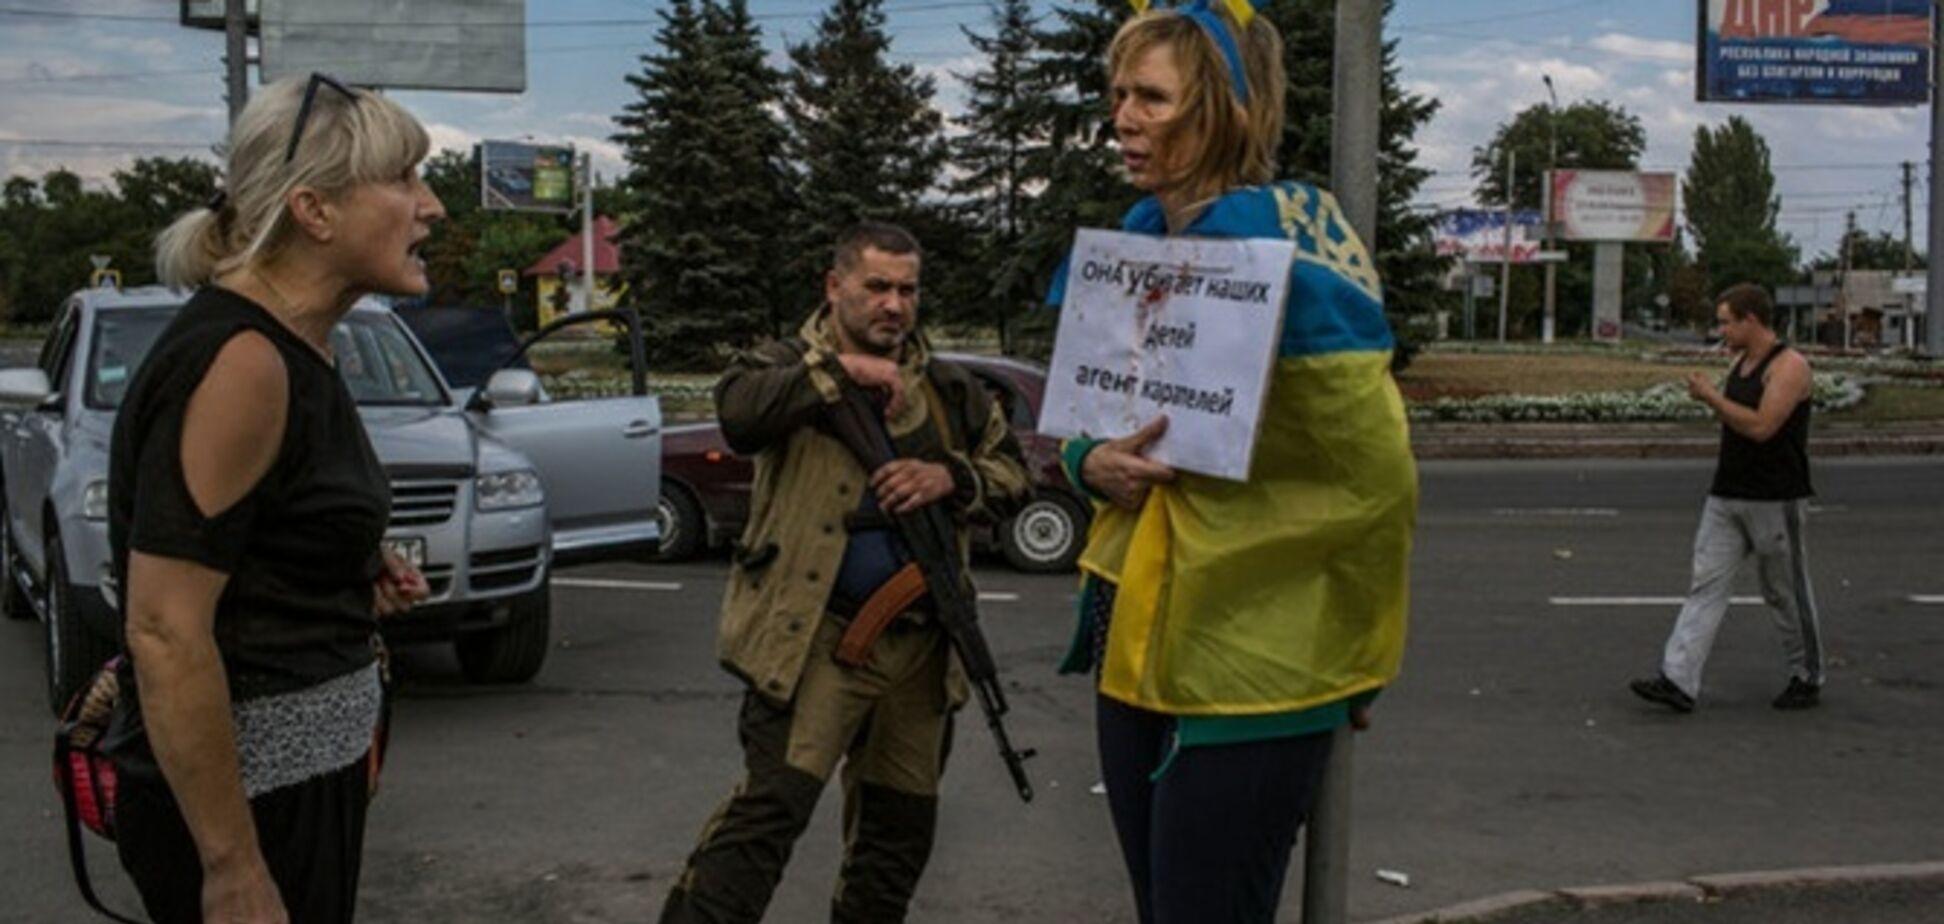 Военные преступления: всплыли серьезные проблемы в Уголовном кодексе Украины